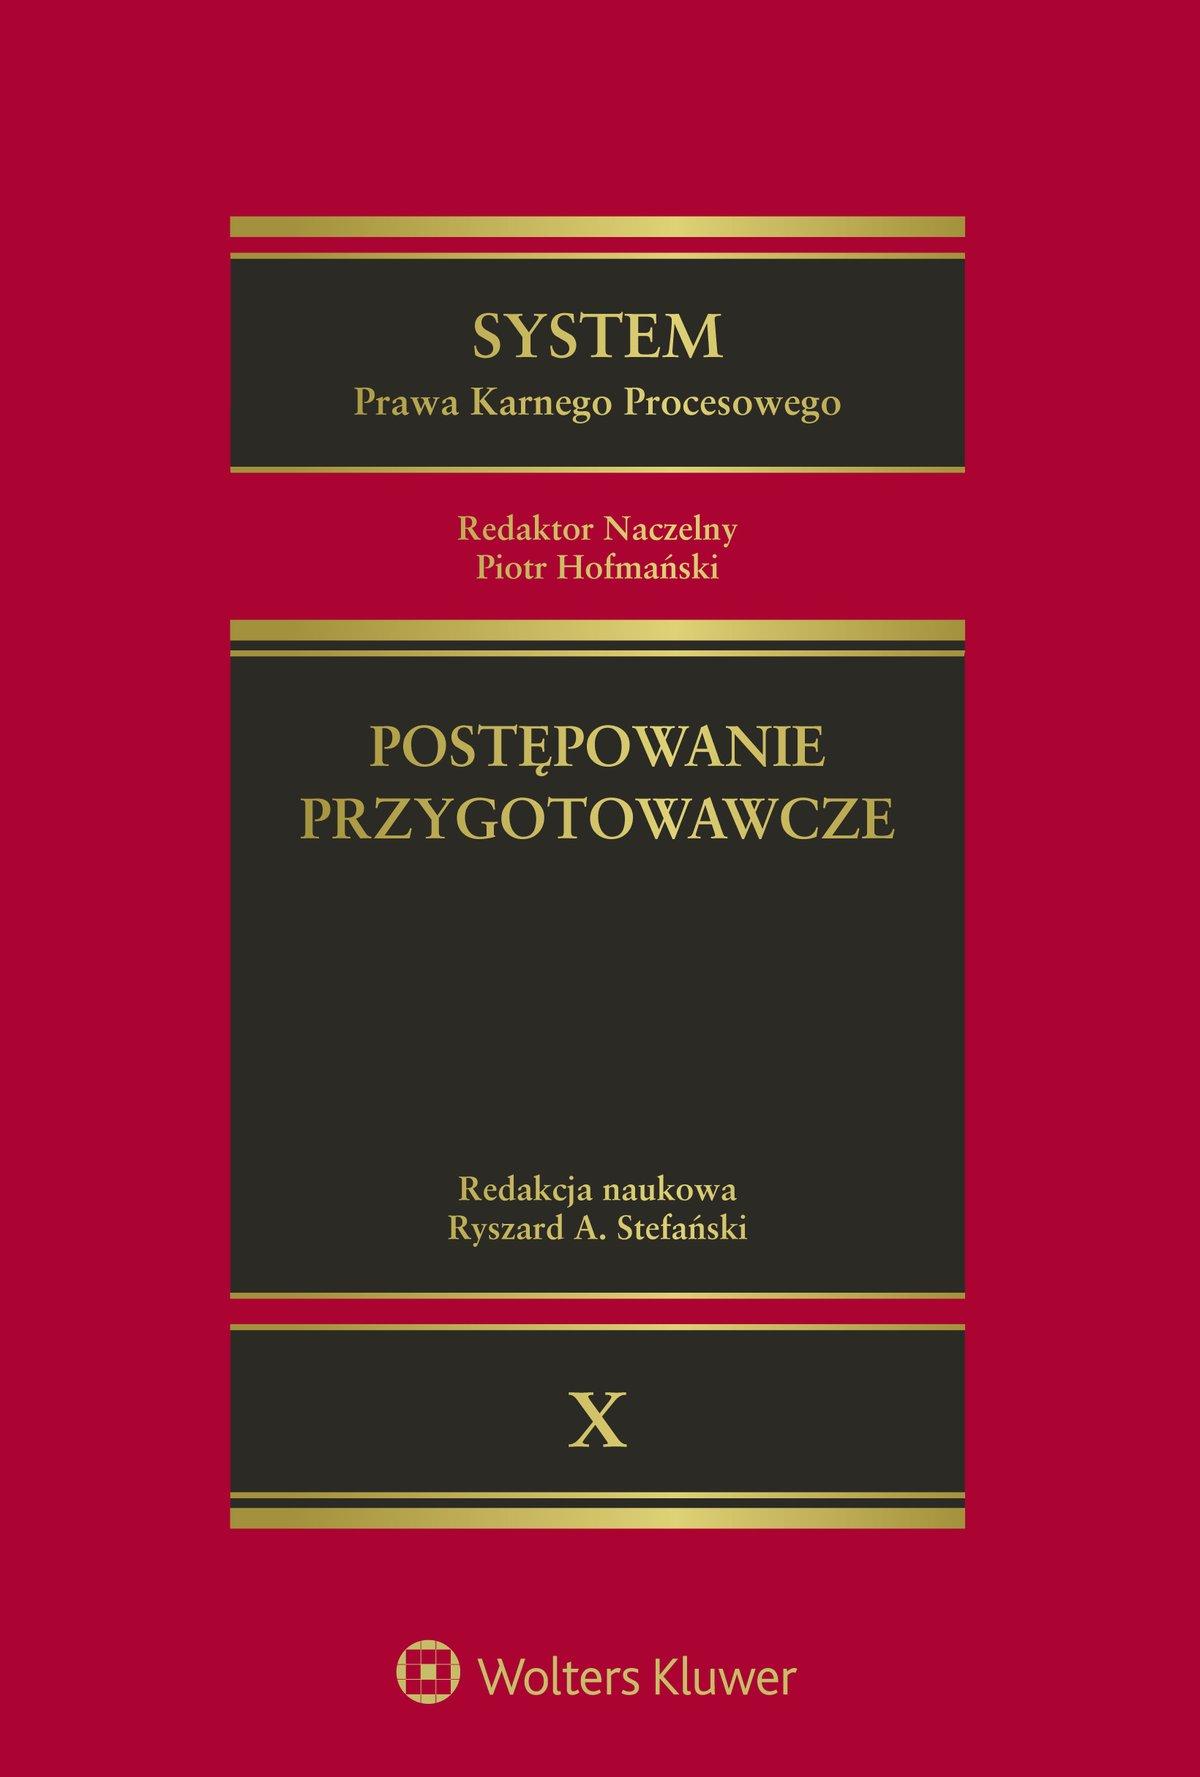 System Prawa Karnego Procesowego. Tom X. Postępowanie przygotowawcze - Ebook (Książka EPUB) do pobrania w formacie EPUB